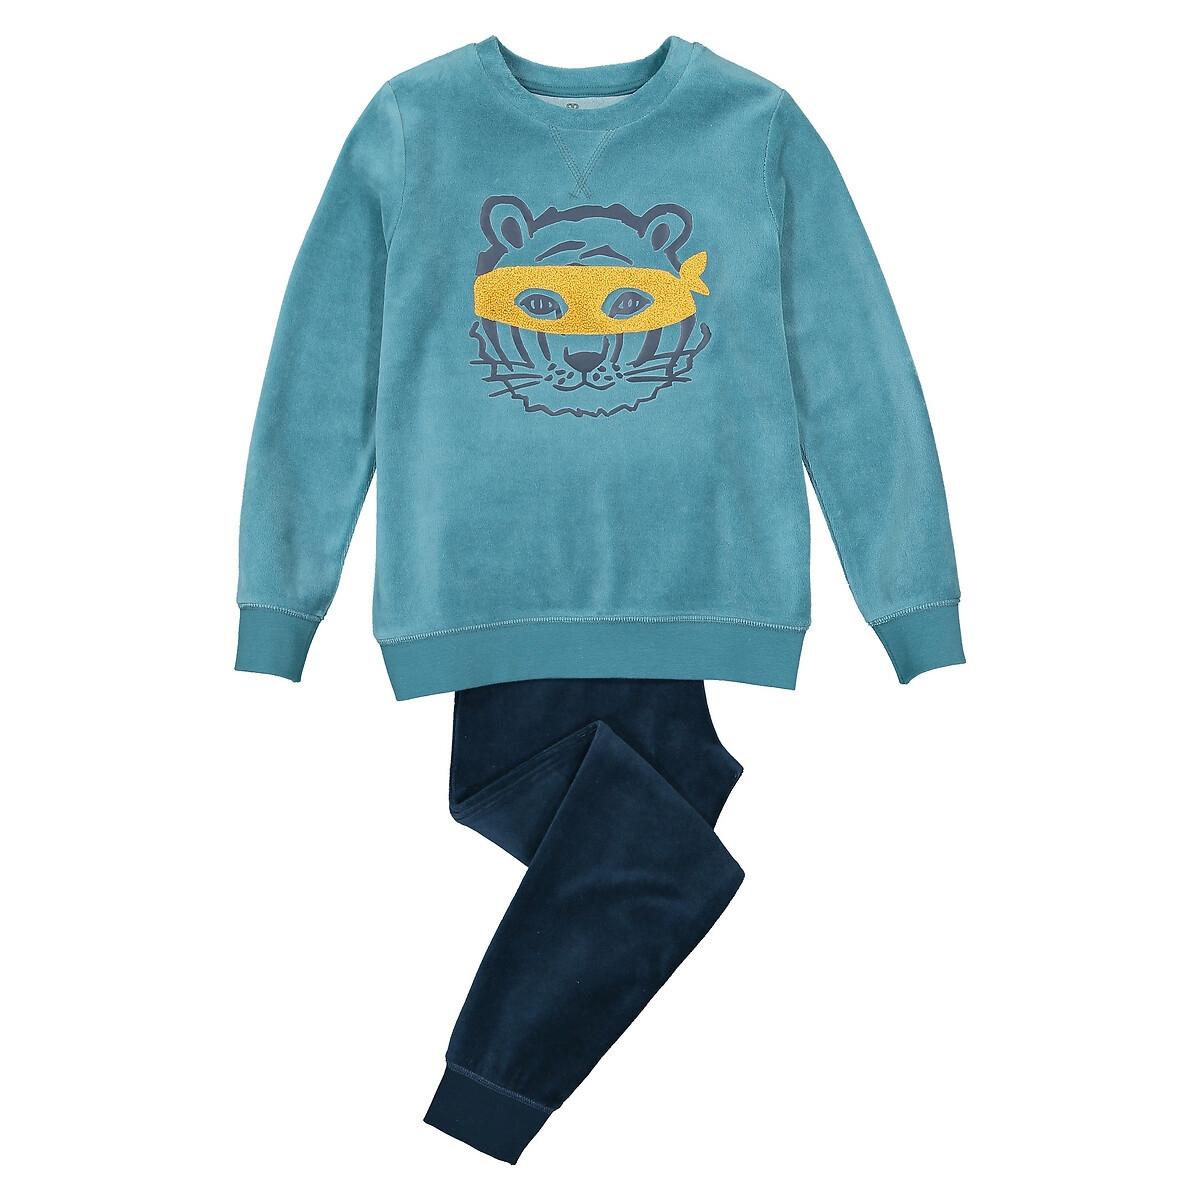 Пижама LaRedoute Из велюра с длинными рукавами из биохлопка 3-12 лет 4 года - 102 см синий